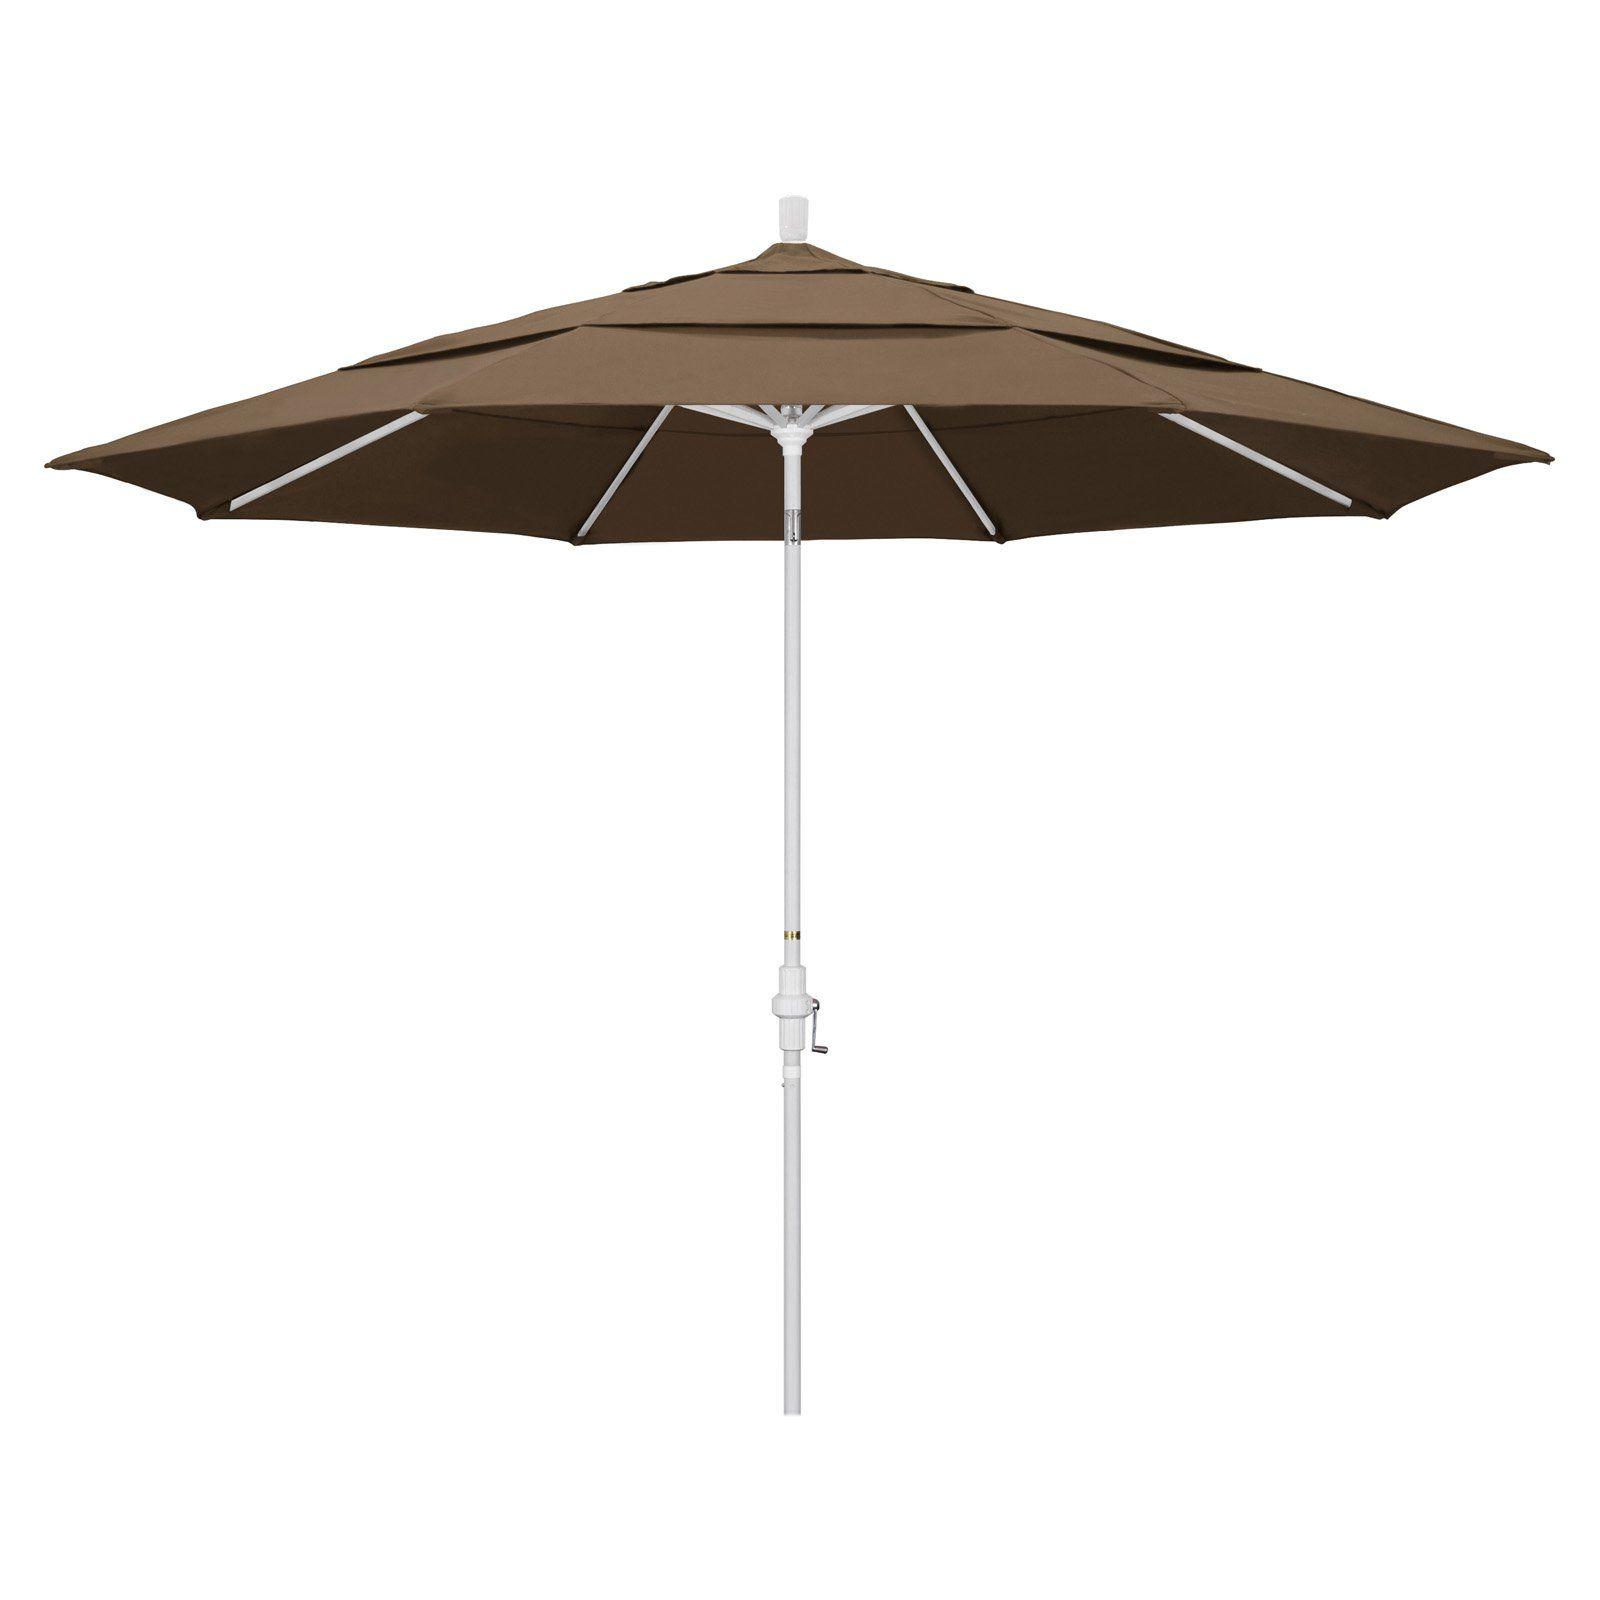 California Umbrella 11 Ft Aluminum Sunbrella Market Umbrella Cocoa California Umbrella Patio Umbrella Market Umbrella